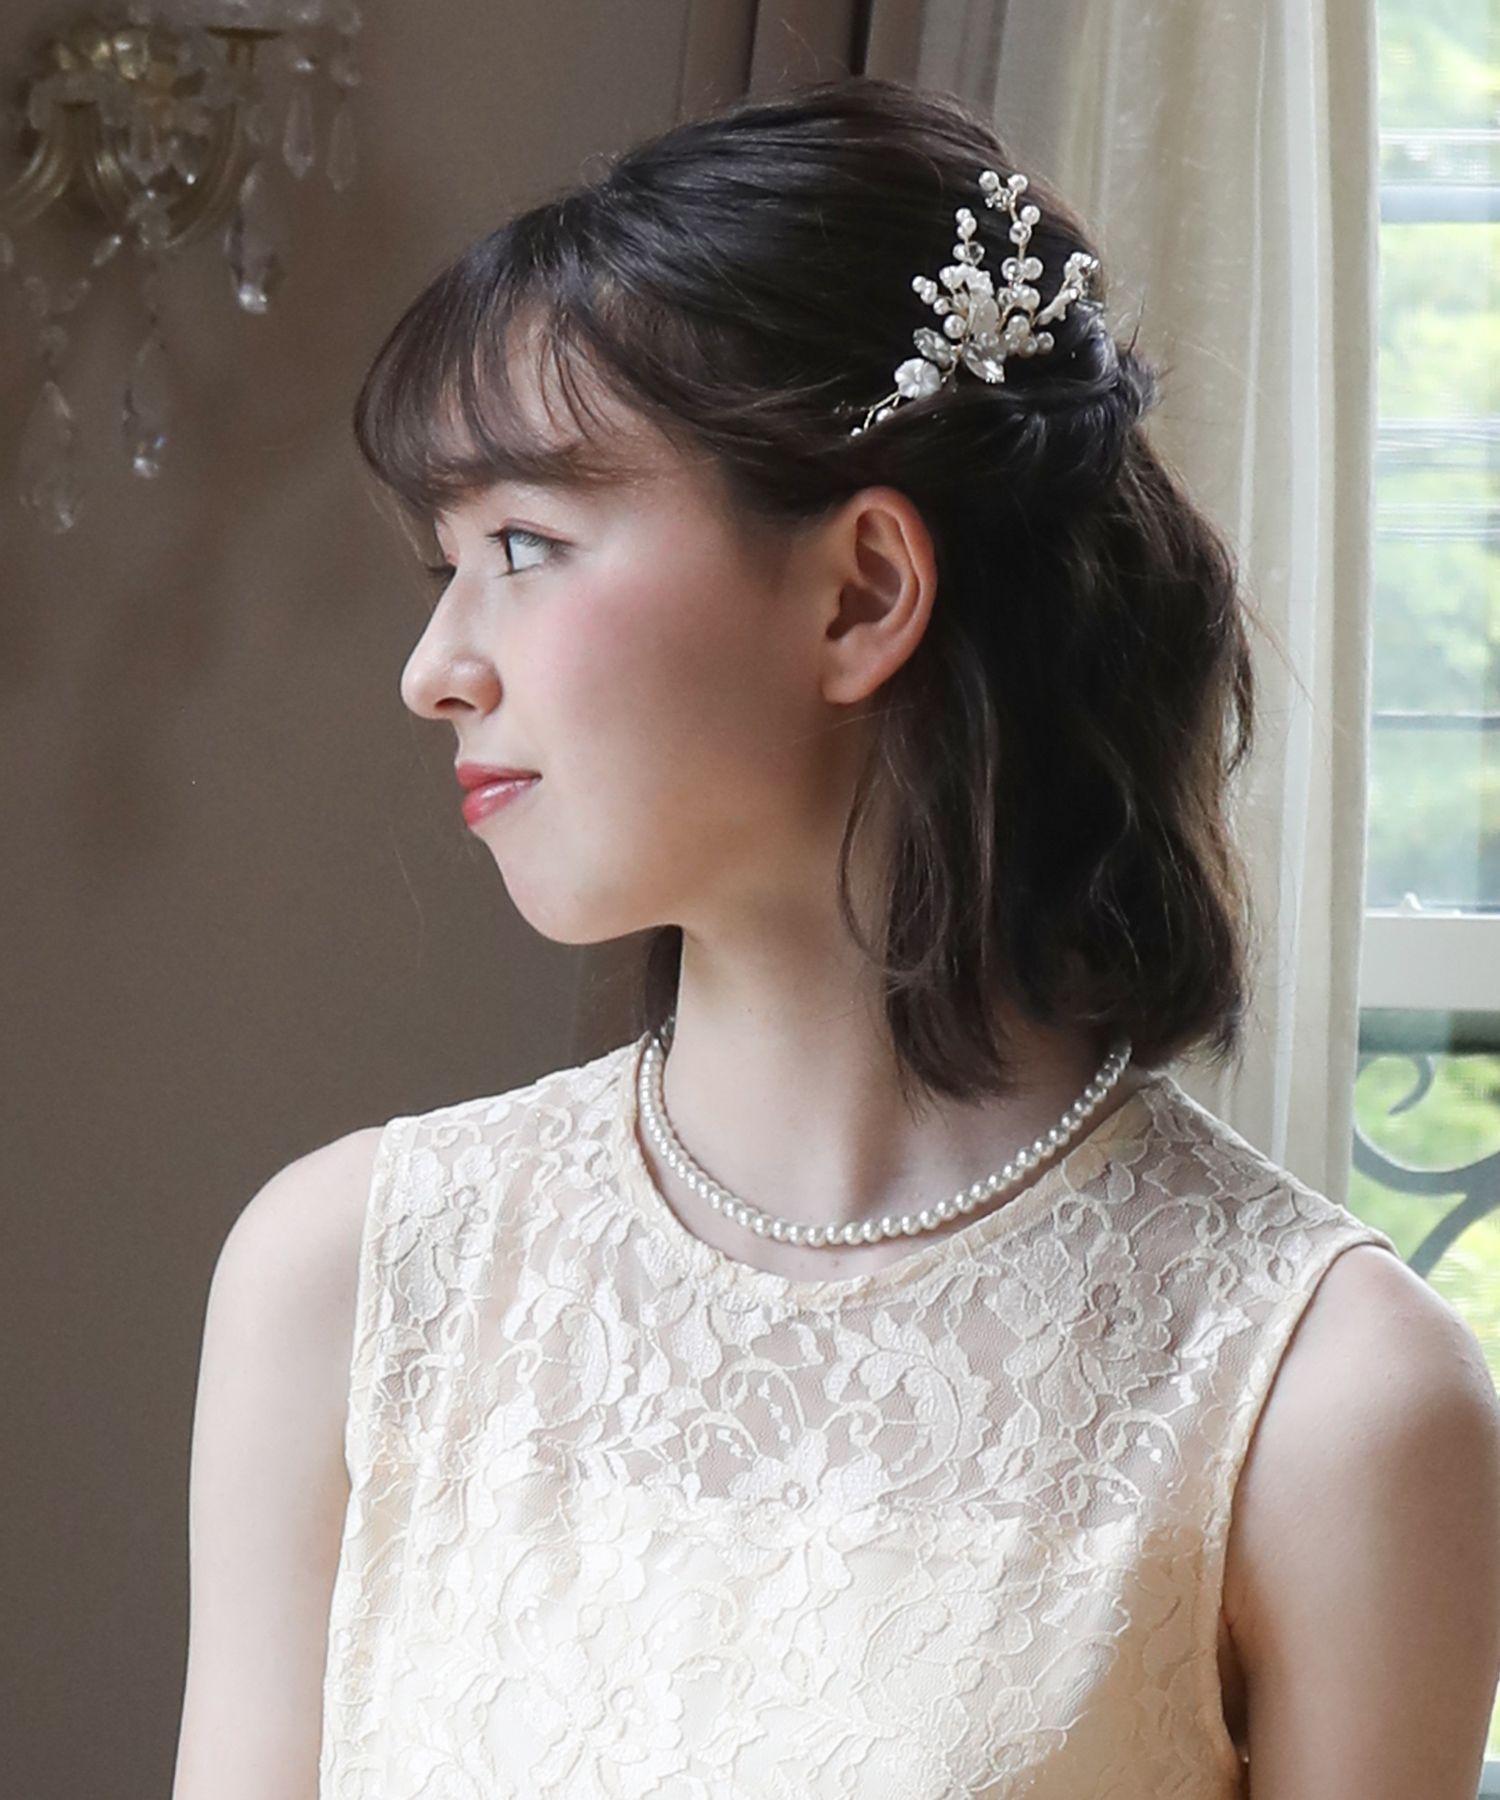 パール クリスタル ビジュー ゴールド 発表会 パーティー 卒業式 子供 ヘアアクセサリー